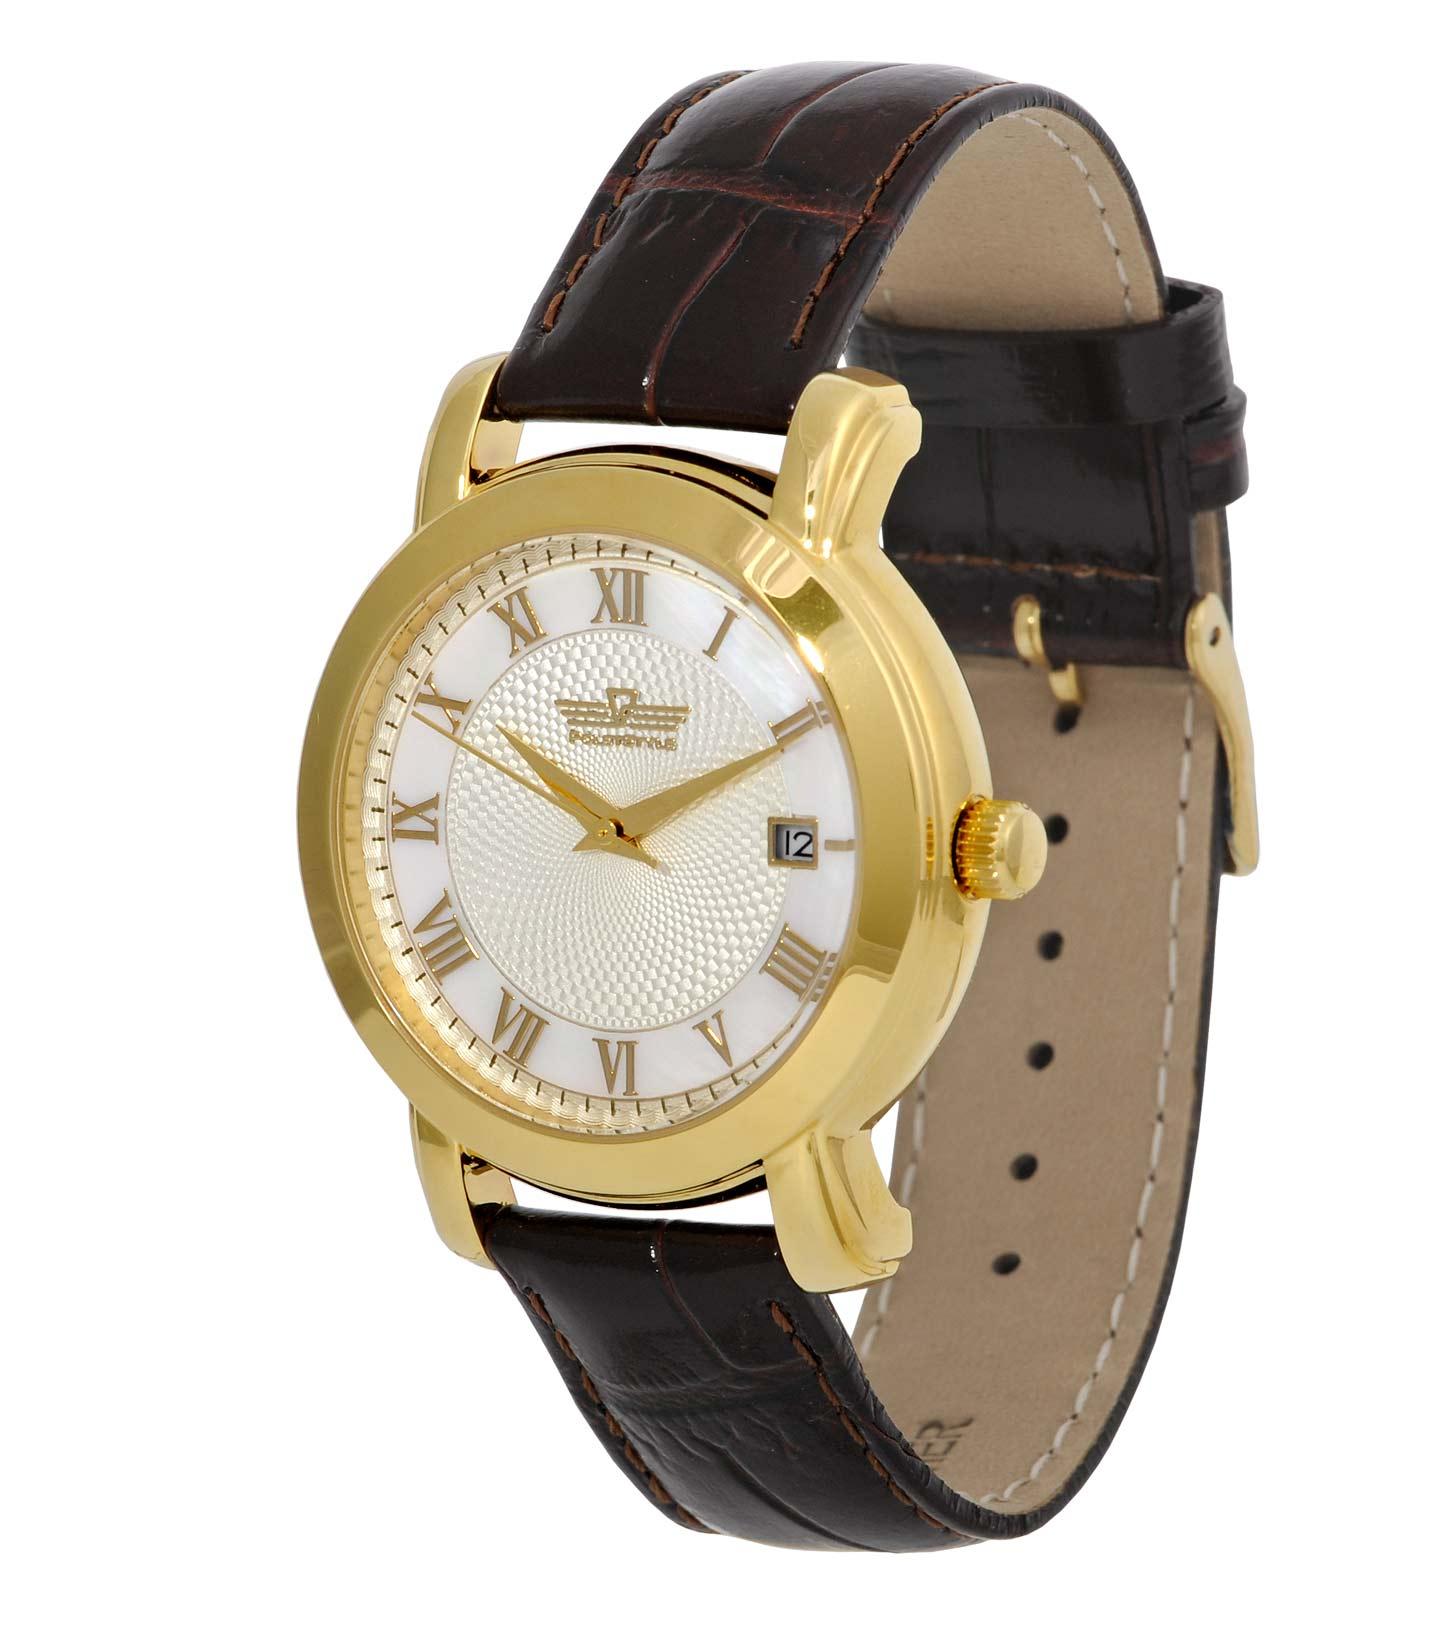 Выбирайте и покупайте лучшее из предложений на livening-russia.ru ☛ у нас мужские механические наручные часы от 10 компаний по оптимальным ценам в россии.